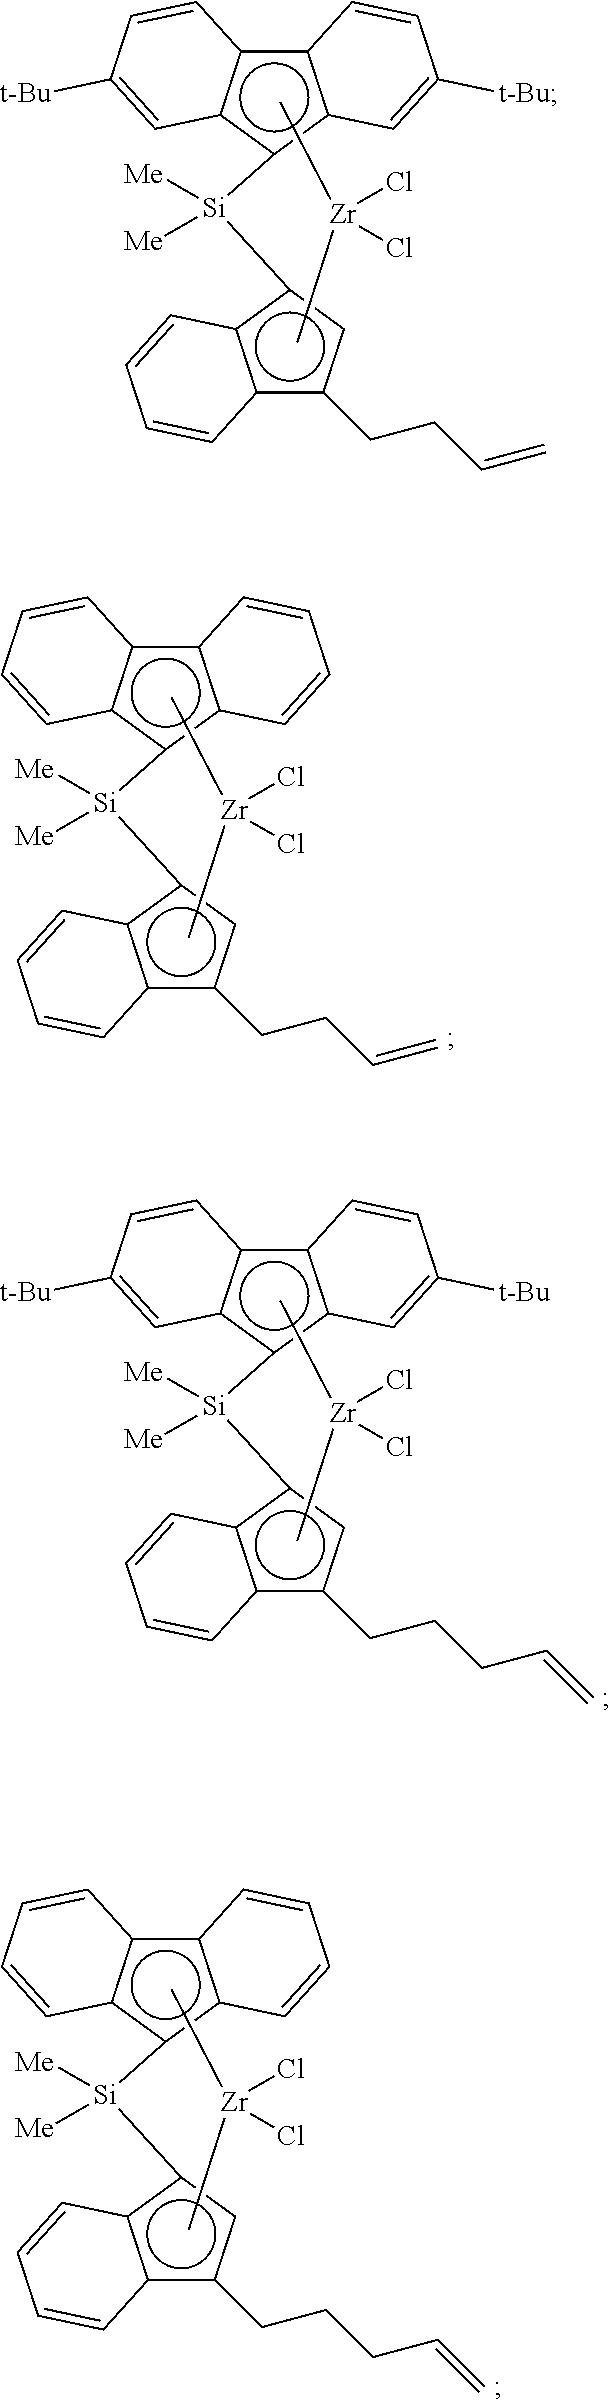 Figure US08501654-20130806-C00020